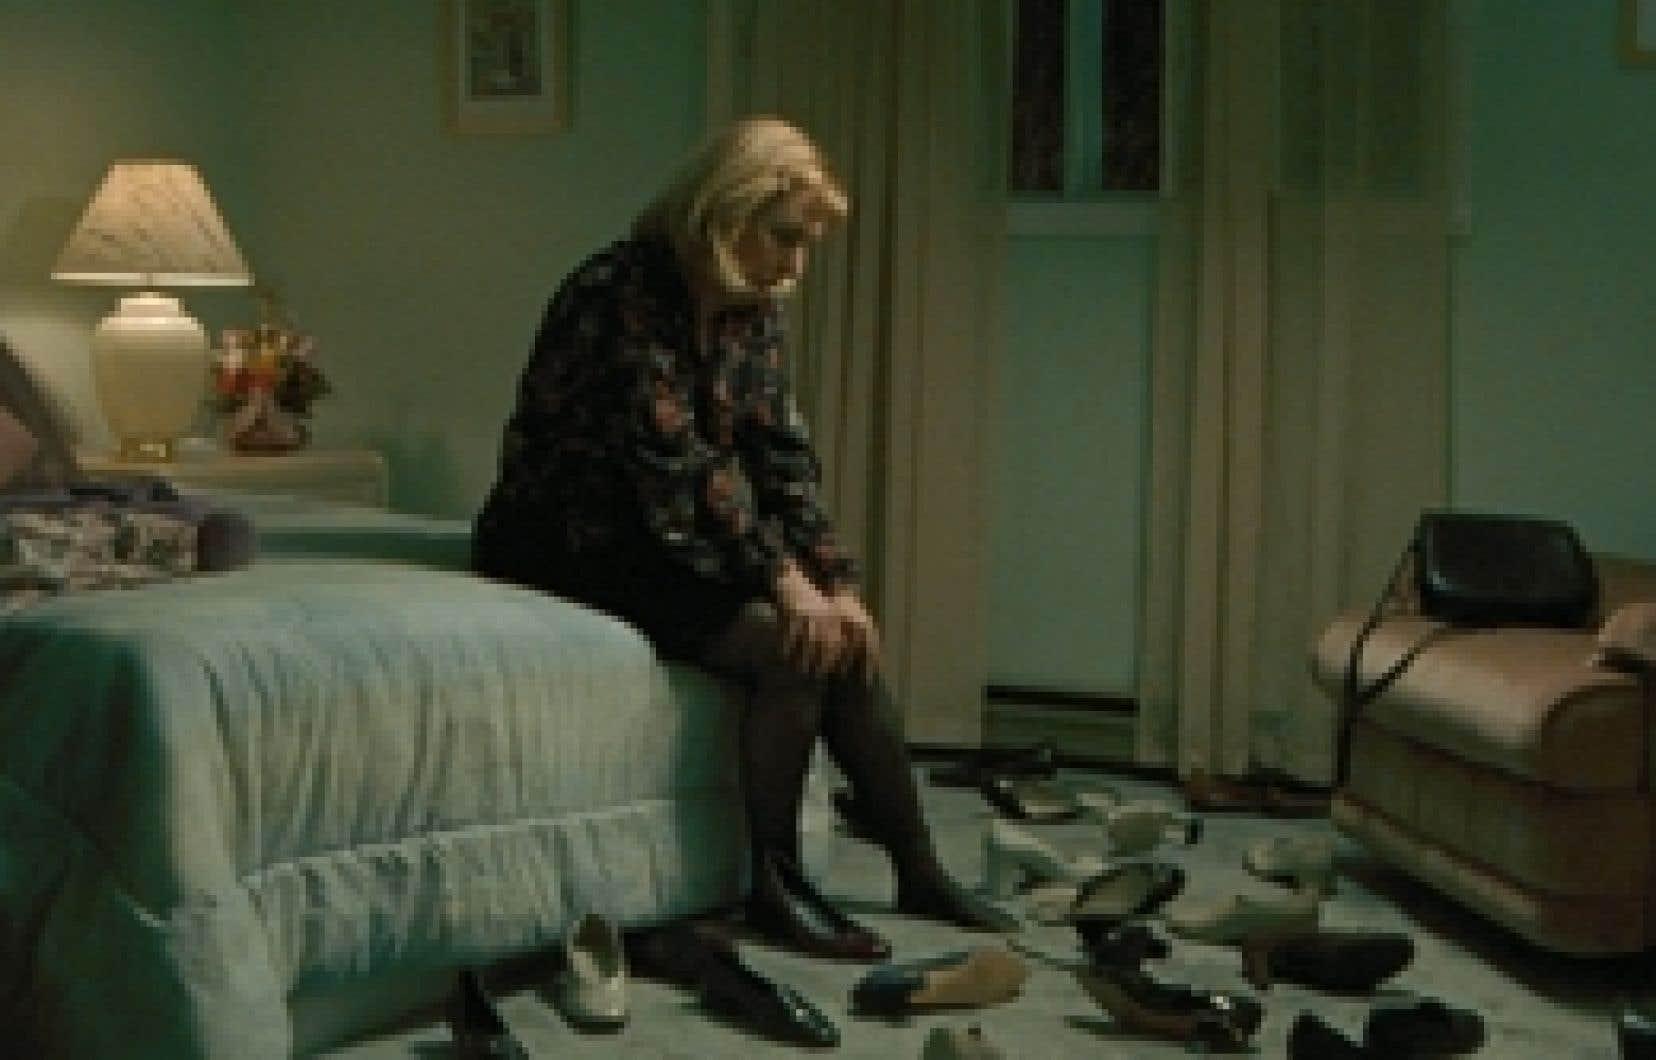 Continental, un film sans fusil, qui se veut une oeuvre sur les liens entre les êtres de solitude, aborde aussi leur mystère. Ici, la comédienne Marie-Ginette Guay, dans le rôle de l'épouse dont le mari a disparu.